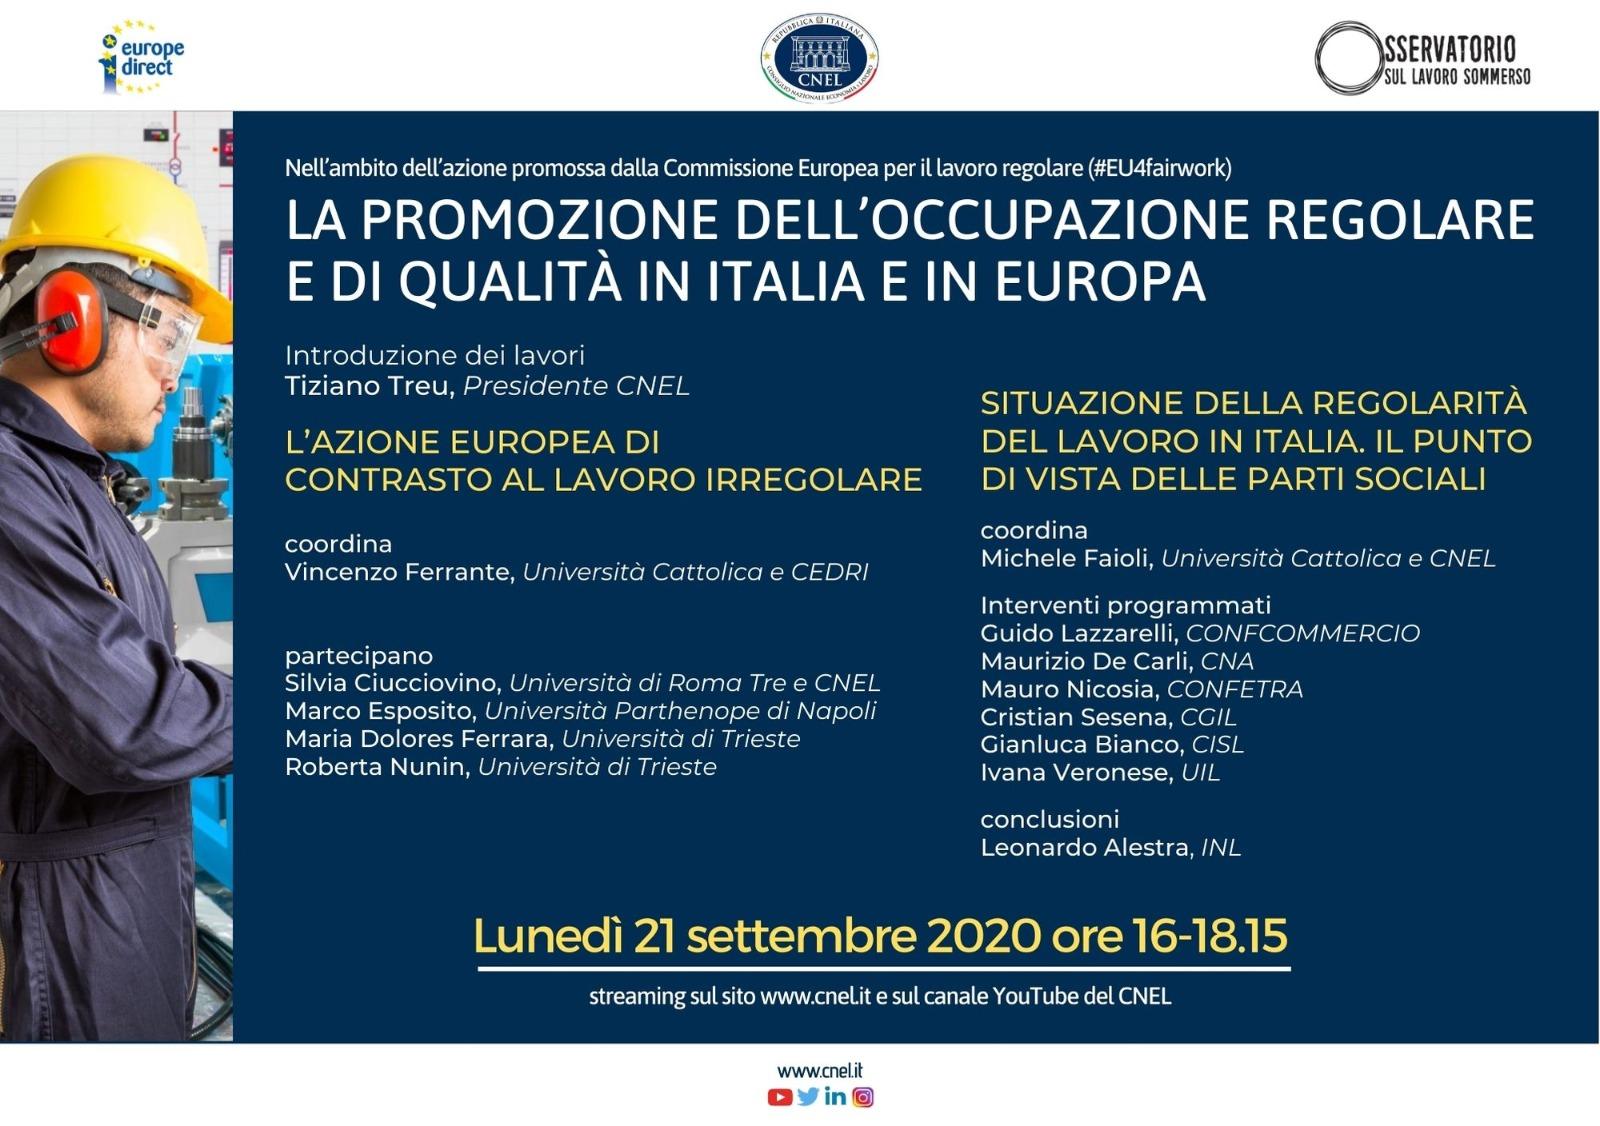 La promozione dell'occupazione regolare e di qualità in Italia e in Europa